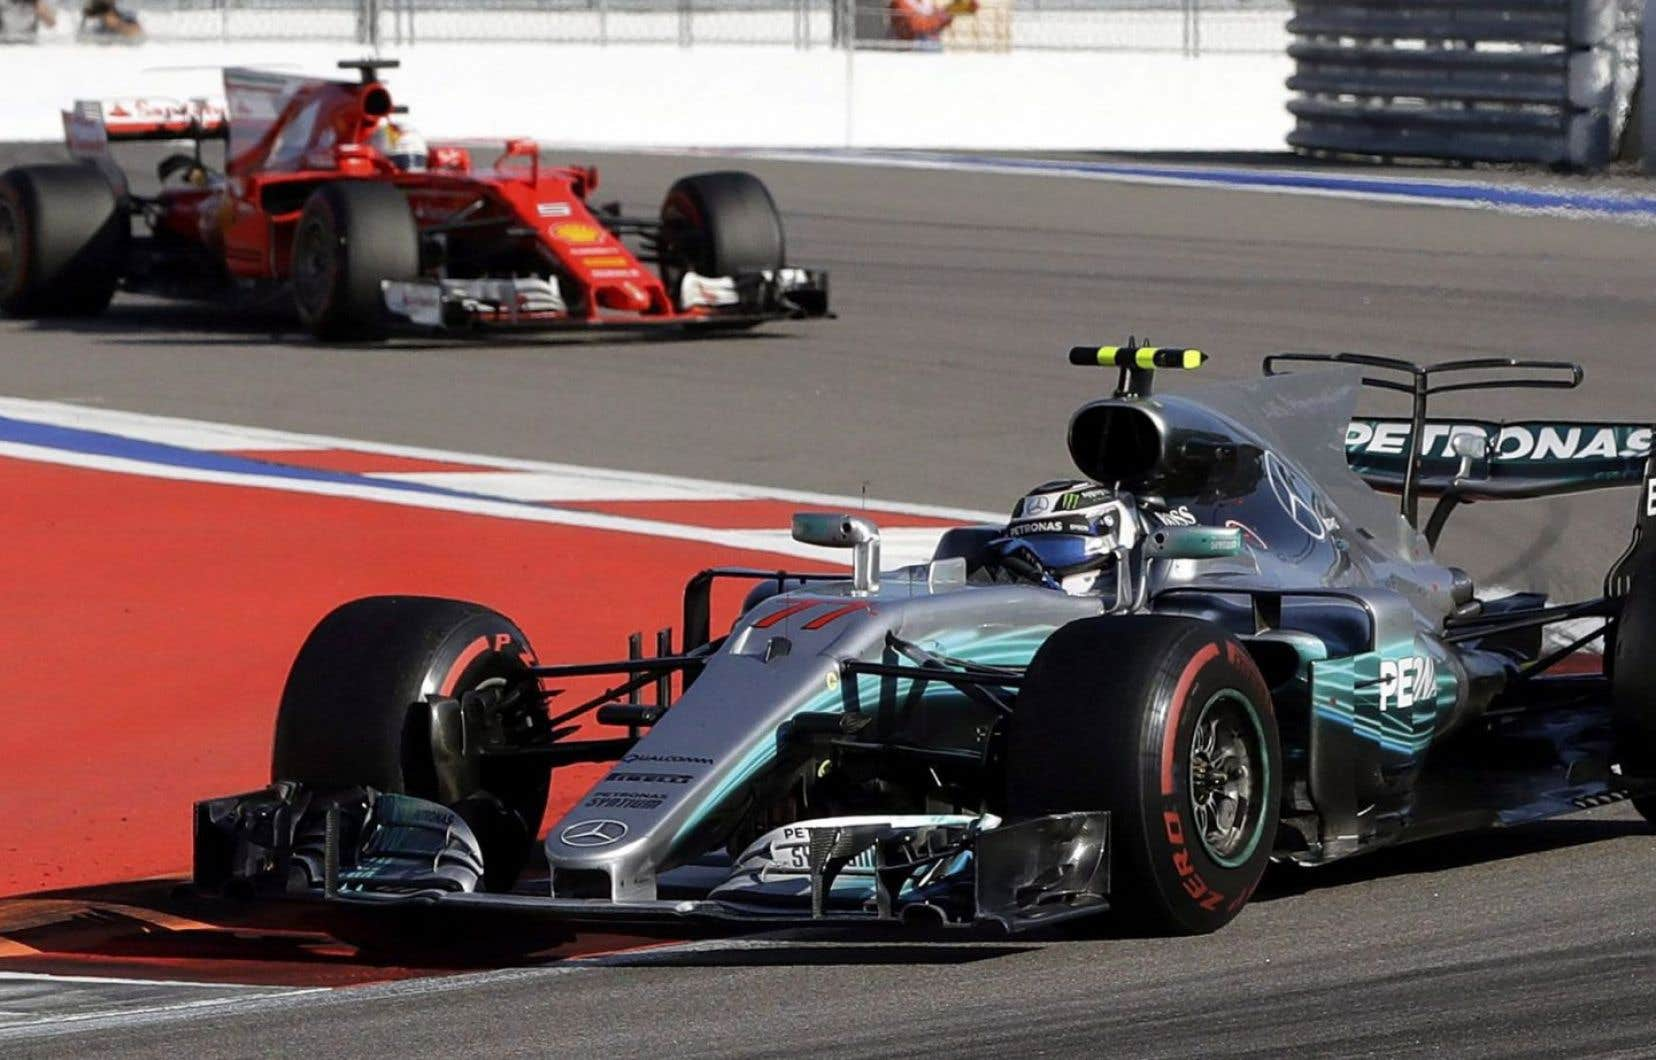 Le pilote de Formule 1Valtteri Bottas suivi de près par l'AllemandSebastian Vettel